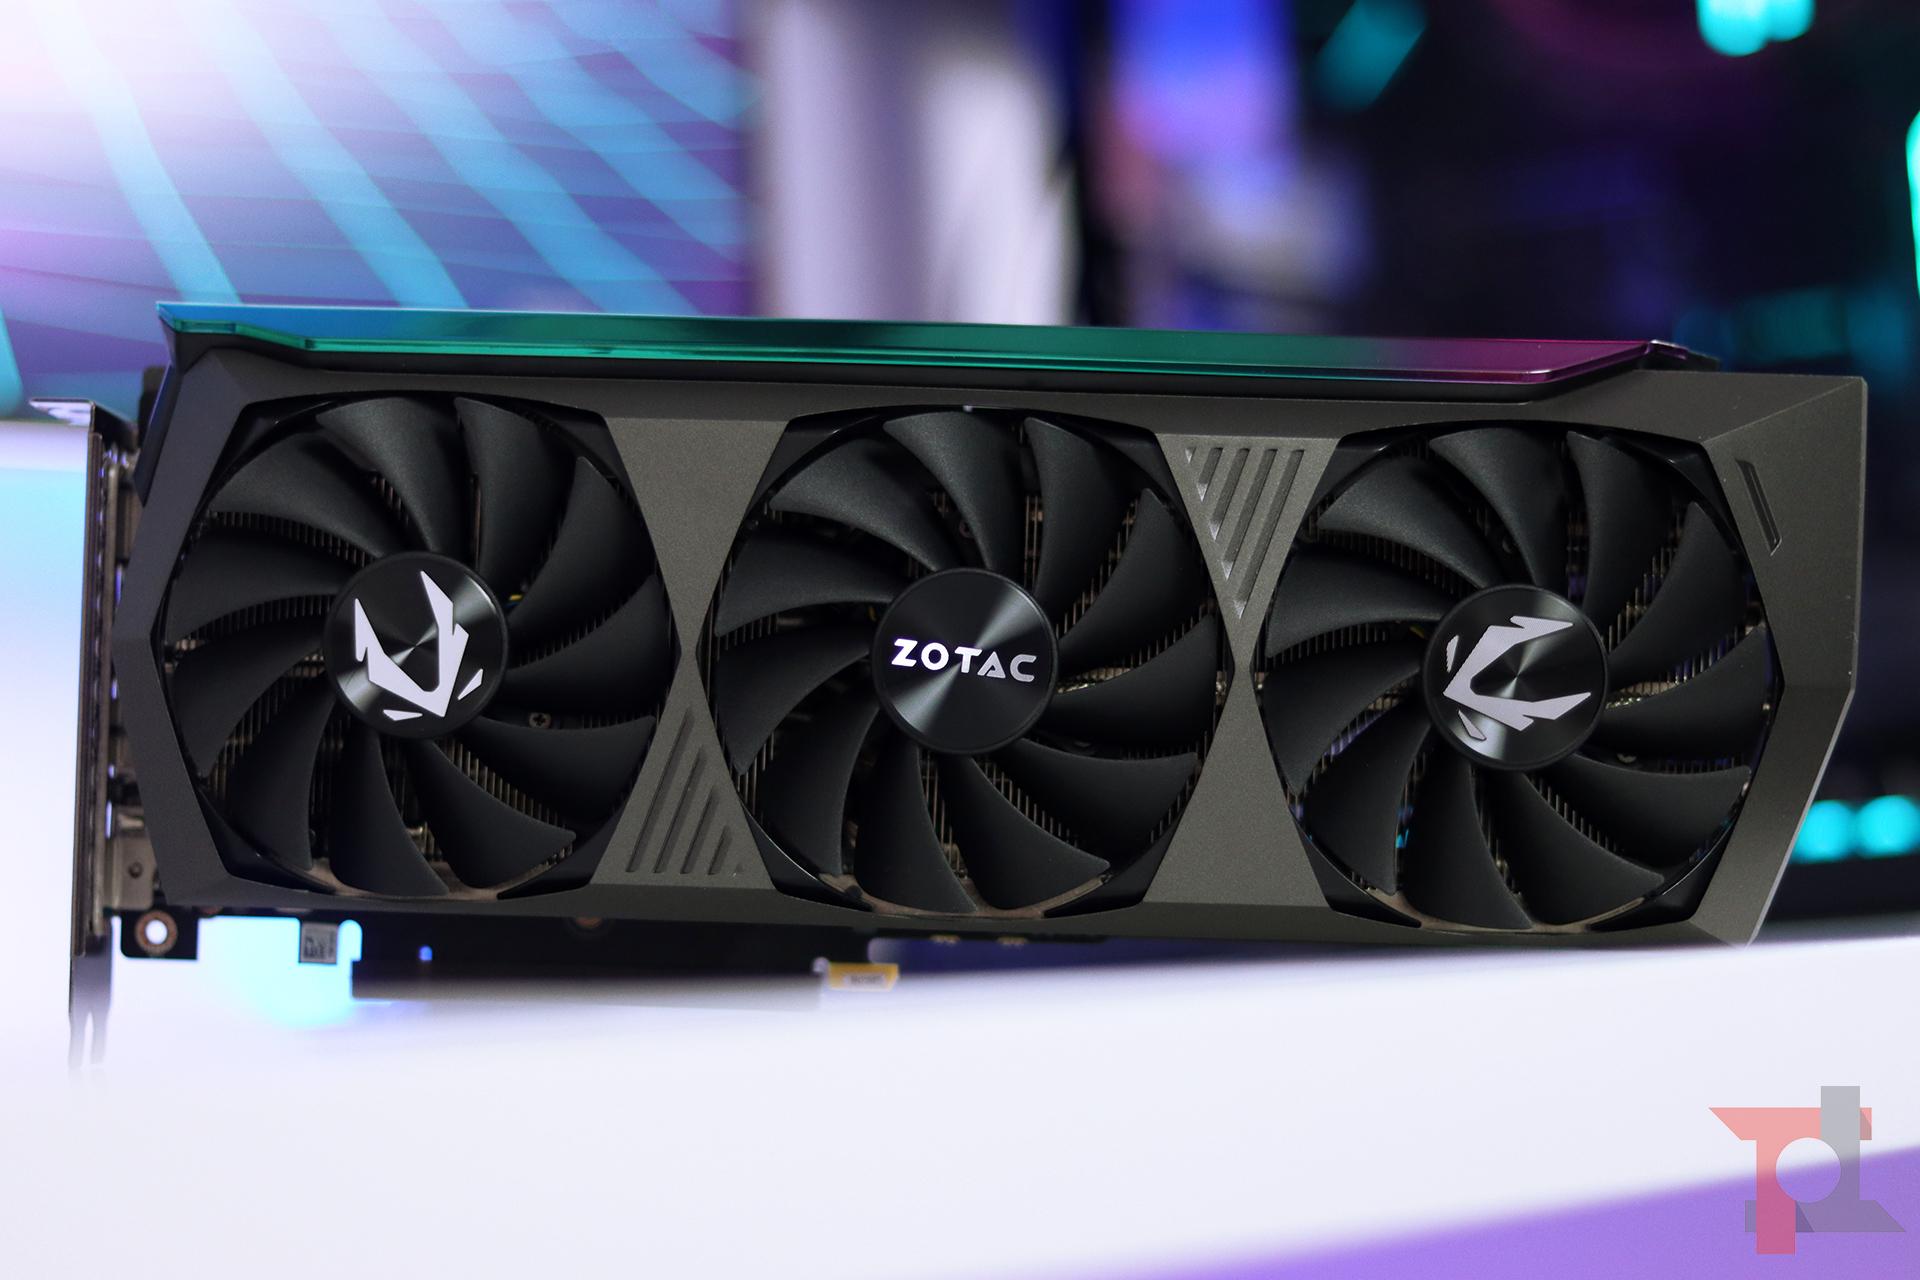 Zotac RTX 3070 Ti